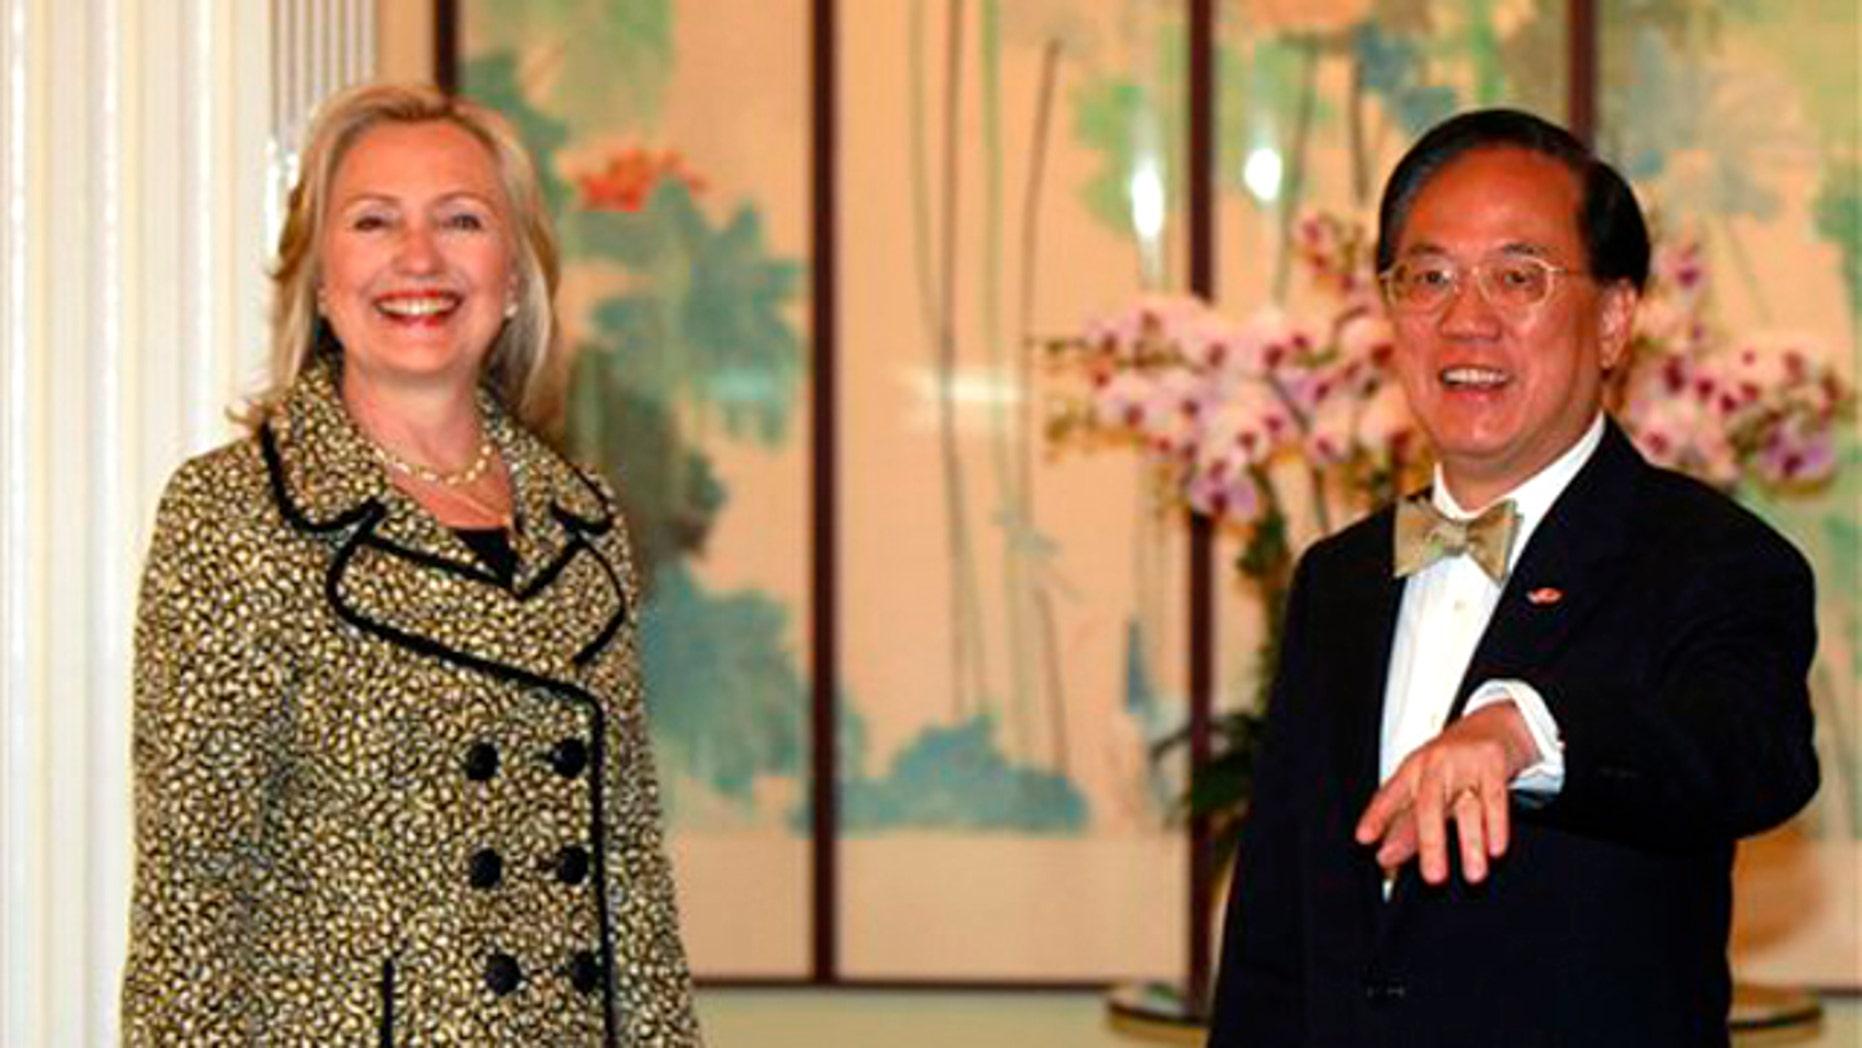 Hong Kong's Chief Executive Donald Tsang, right, greets U.S. Secretary of State Hillary Rodham Clinton at Government House in Hong Kong, China, Monday, July 25, 2011.